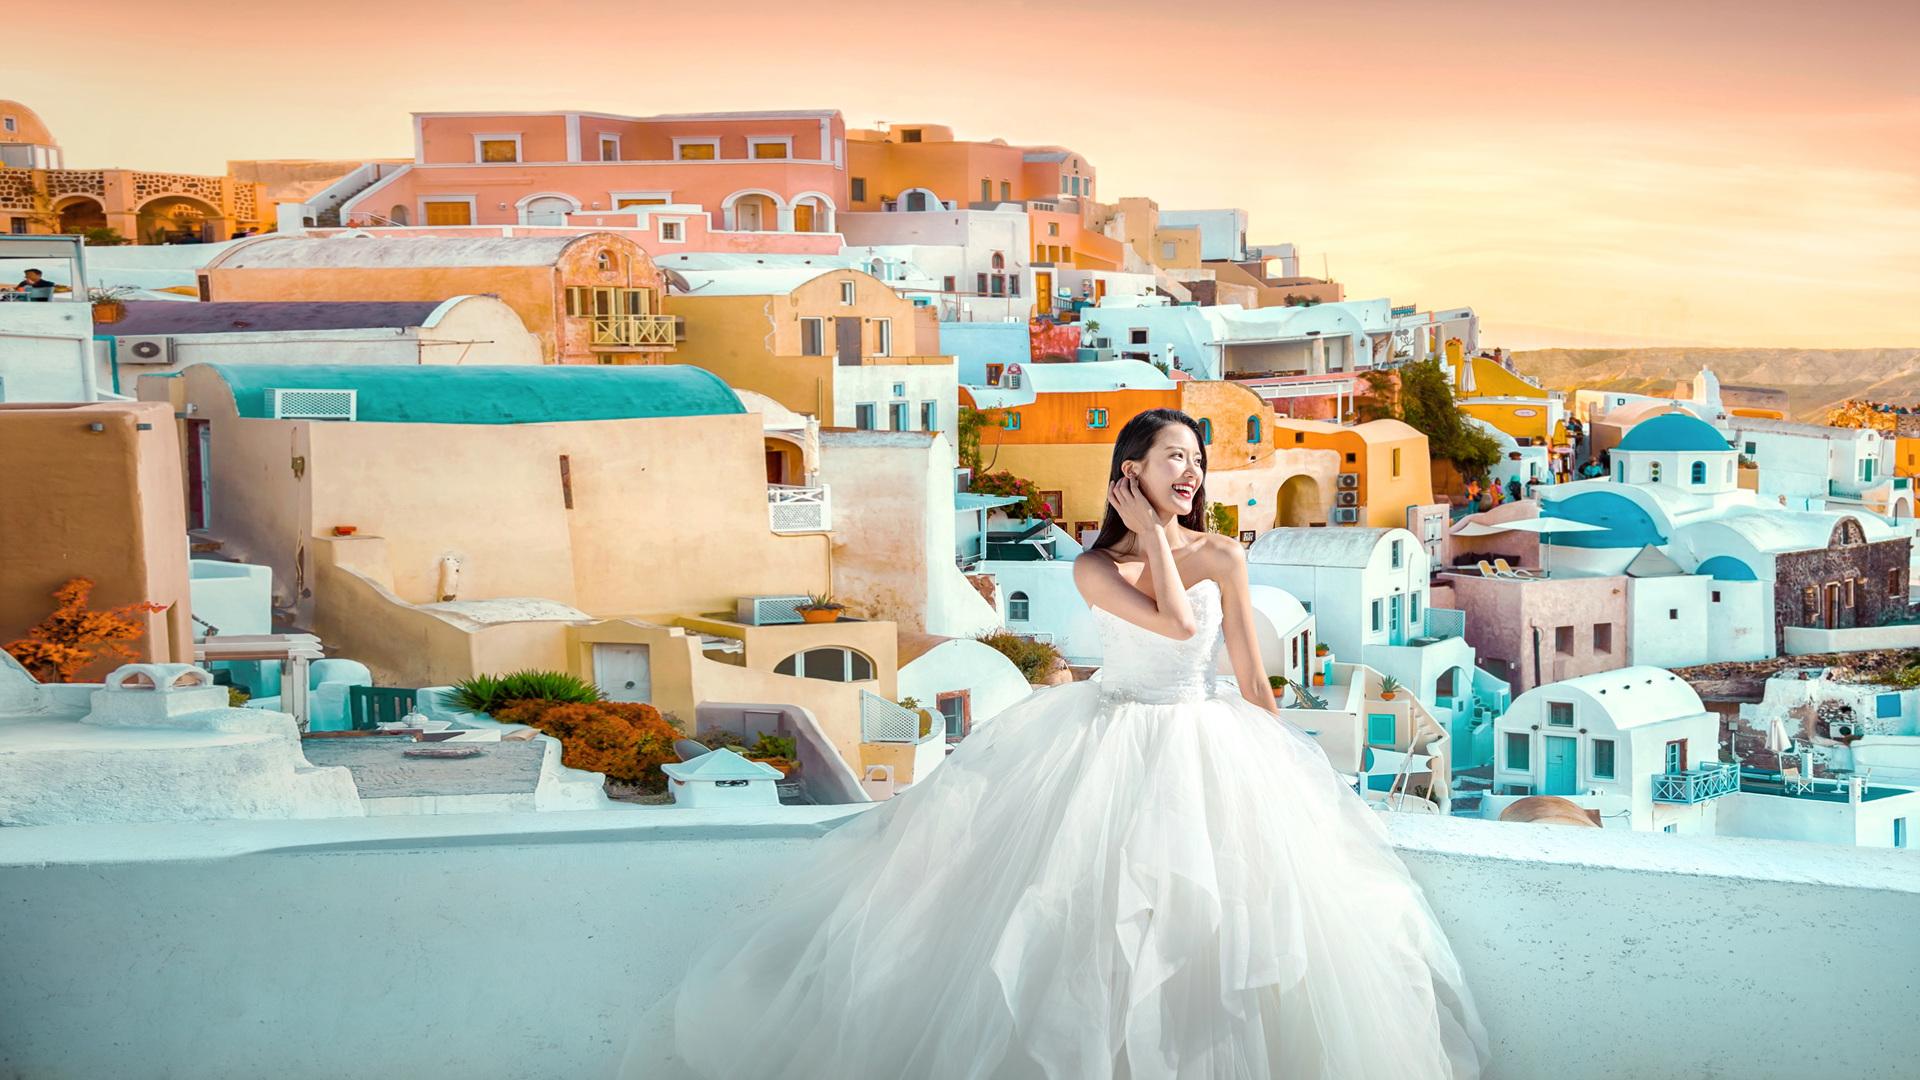 厦门婚纱照 不同季节厦门婚纱摄影风格有哪些 拍婚纱照哪个季节最好